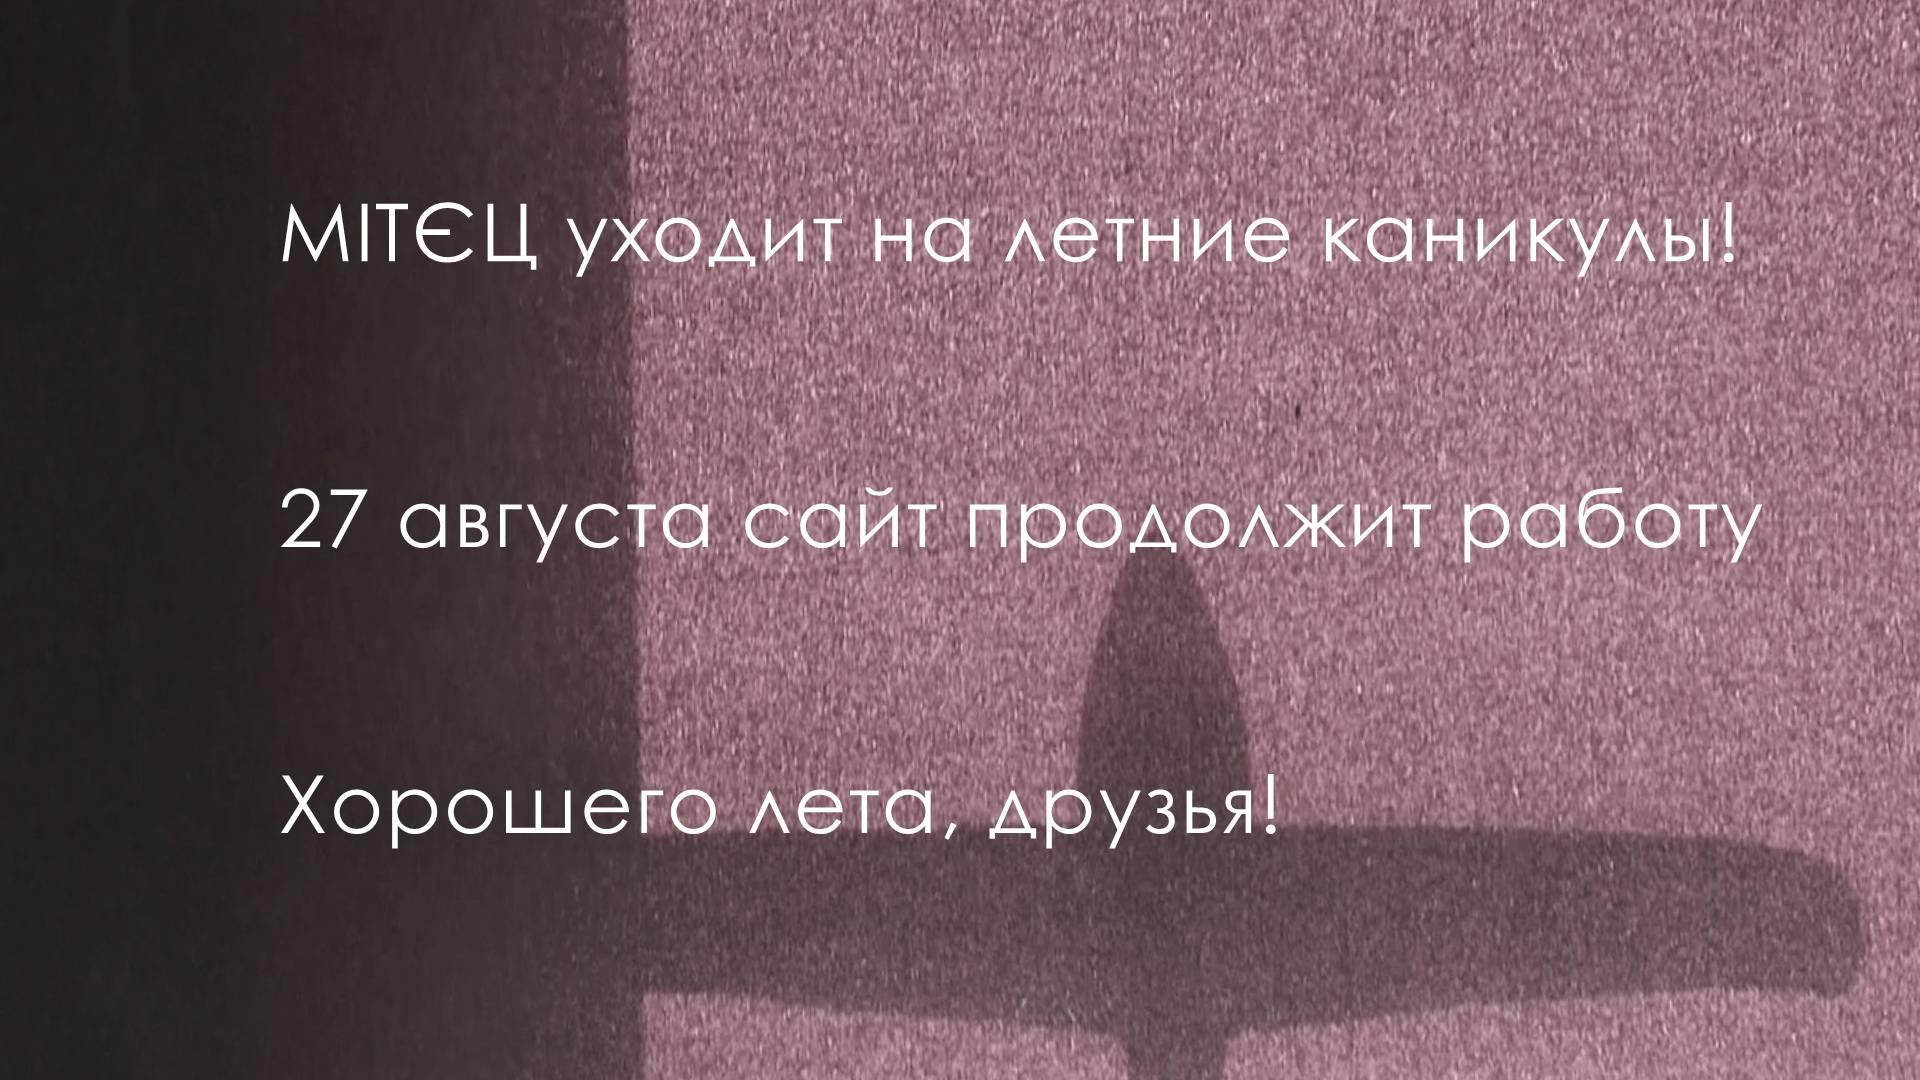 КАНИКУЛЫ, ДРУЗЬЯ!